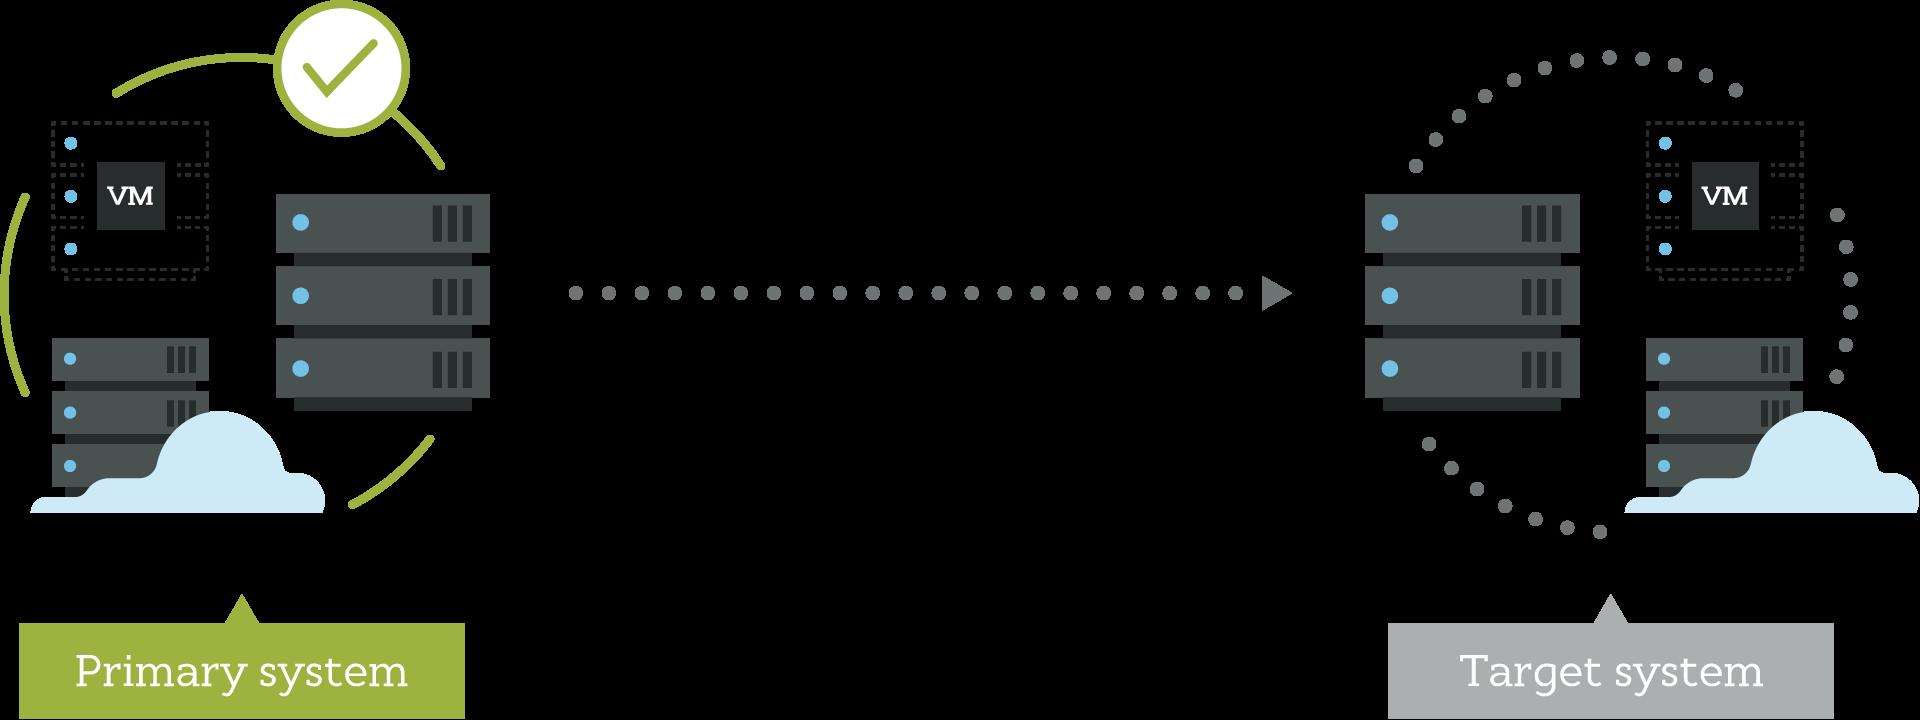 Carbonite_migrate-replication